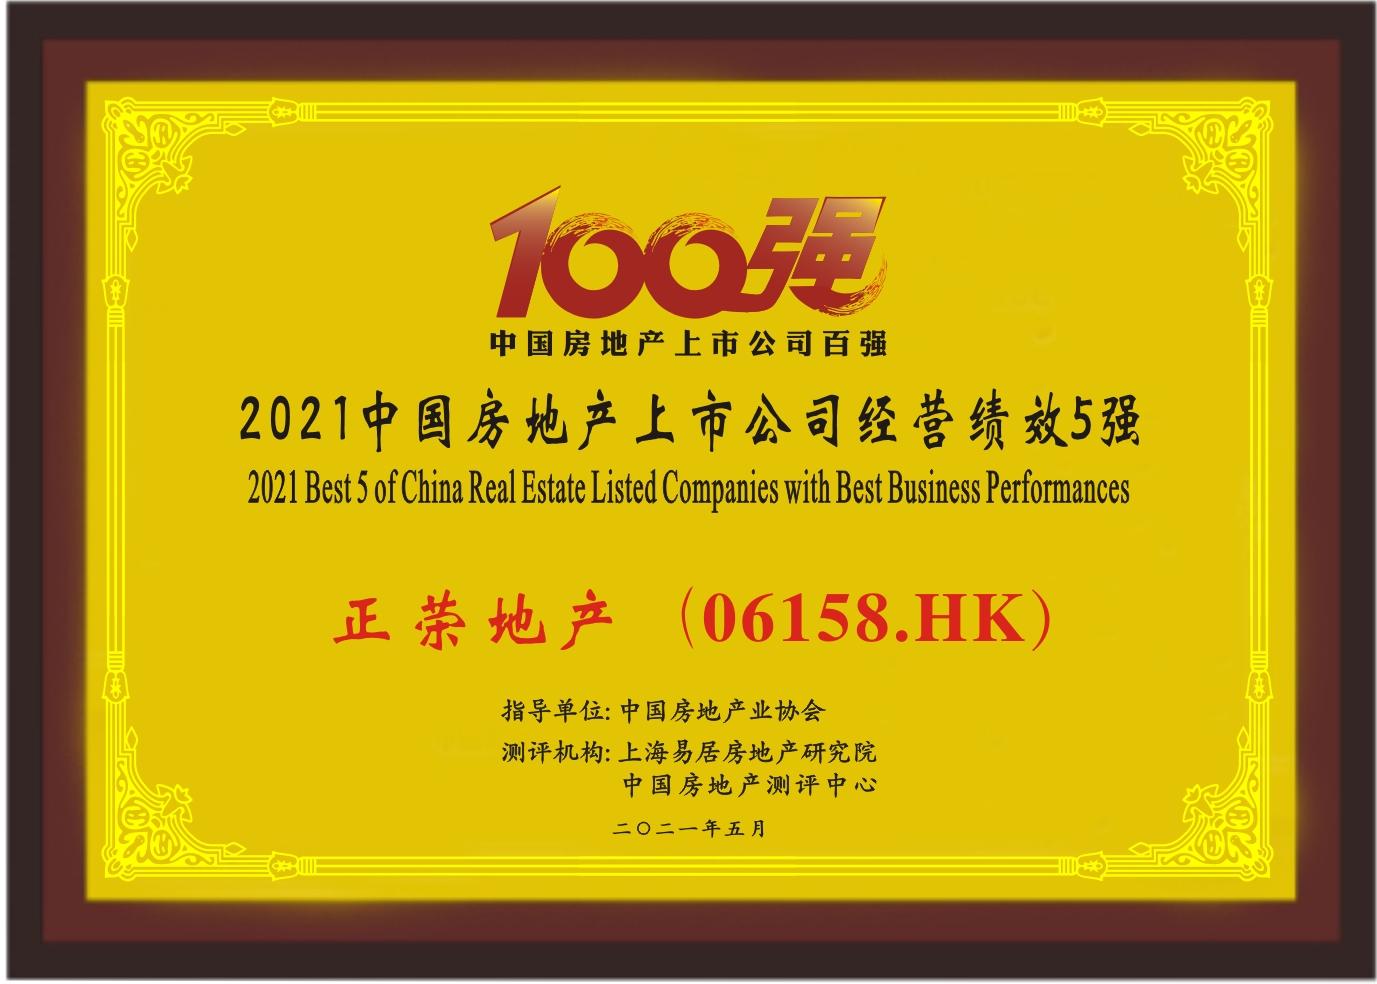 正榮地產榮獲中國房地產上市公司綜合實力20強